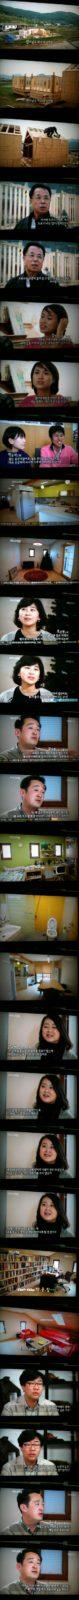 MBC스페셜_땅콩집짓기프로젝트_3